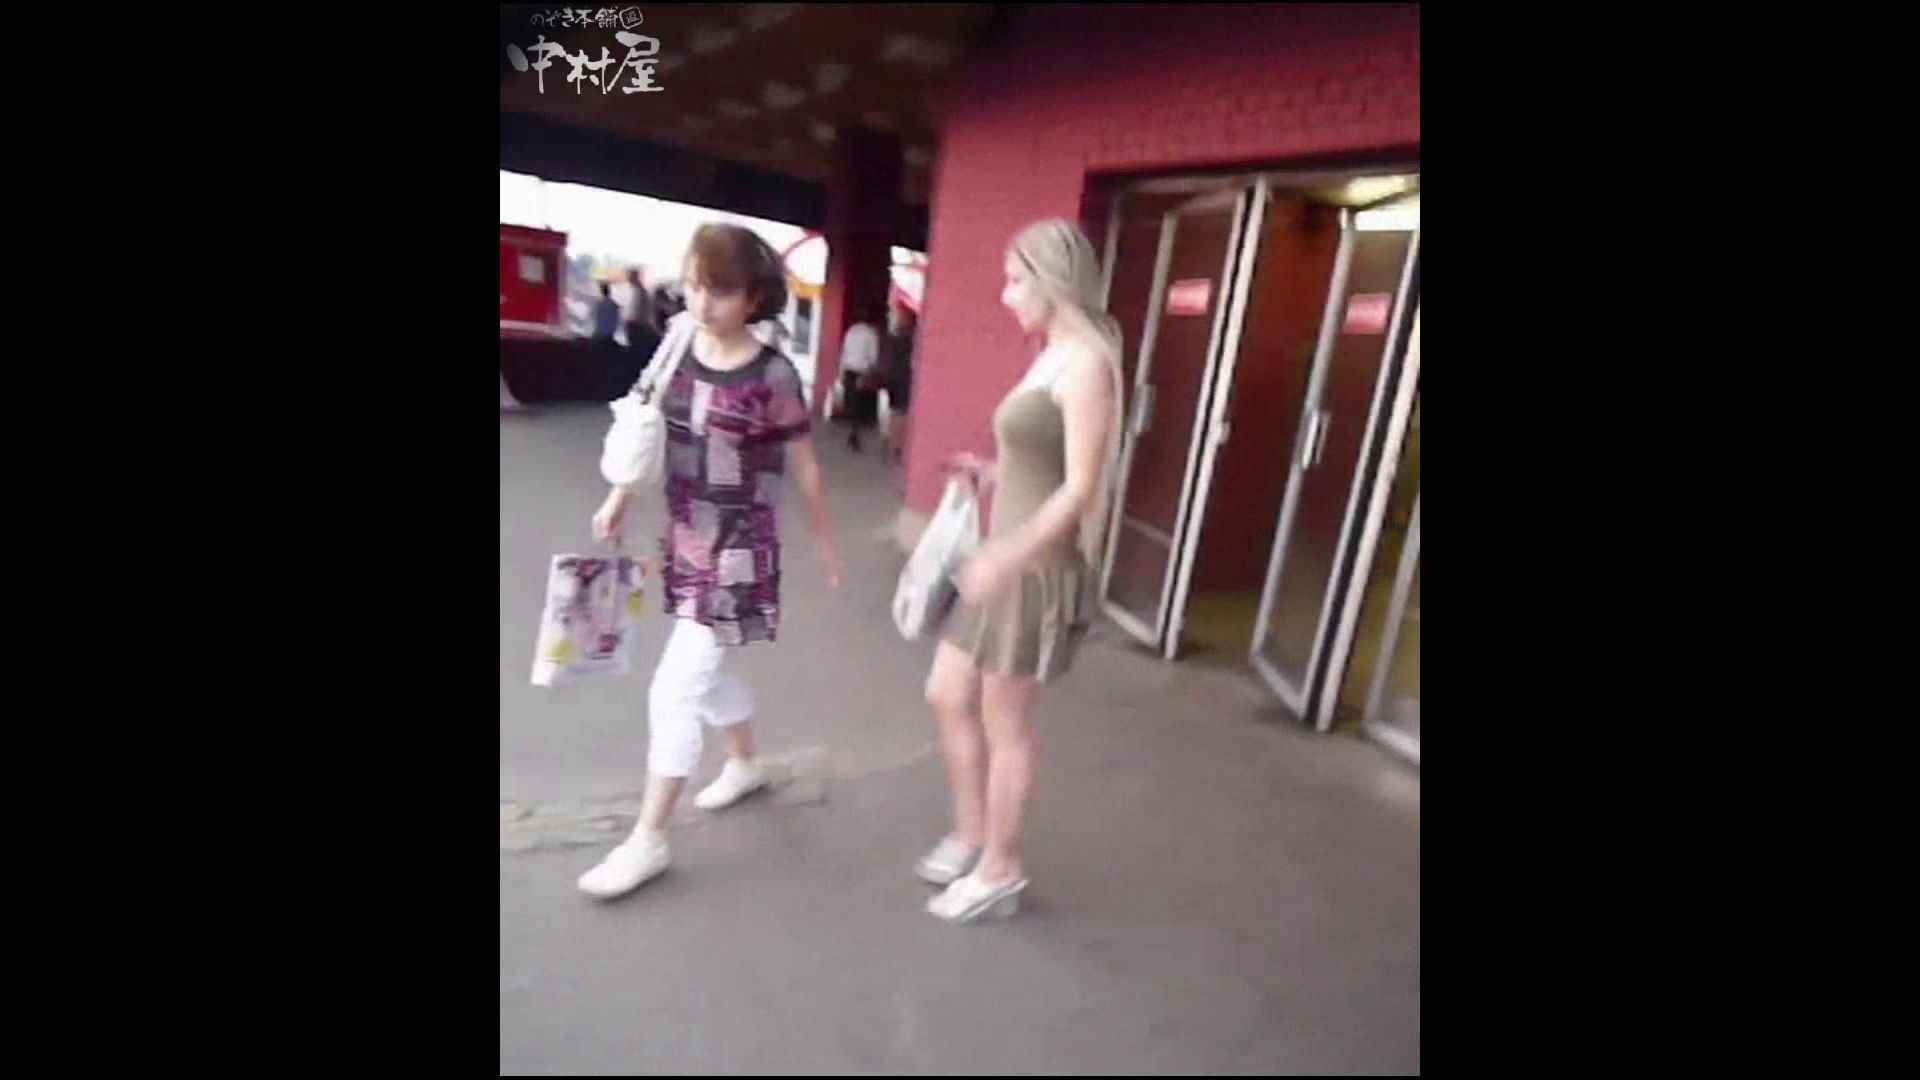 綺麗なモデルさんのスカート捲っちゃおう‼ vol25 モデル AV無料動画キャプチャ 62連発 8